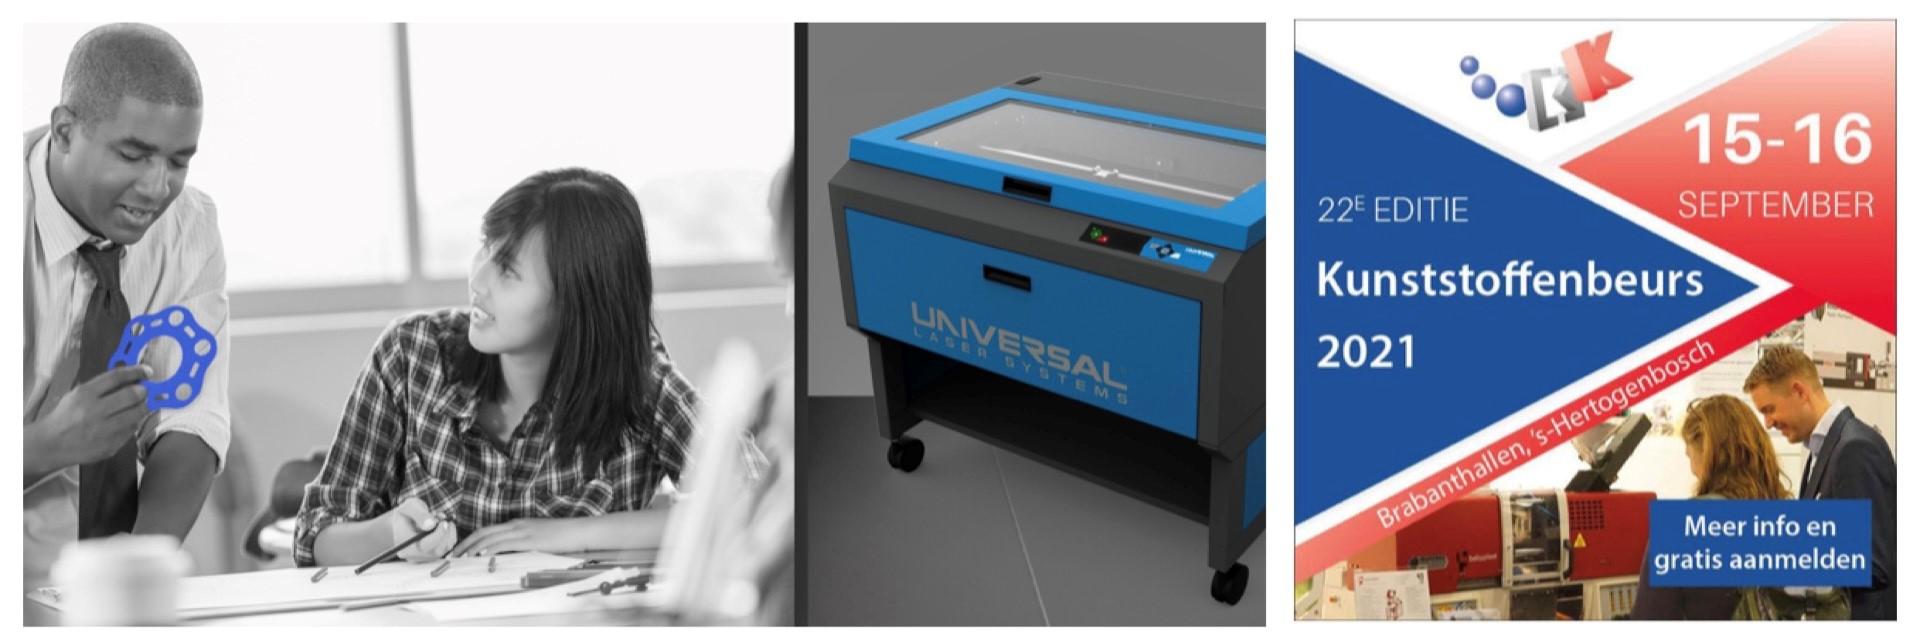 Widenhorn voor het eerst met Lasersystemen op Kunststoffenbeurs 2021